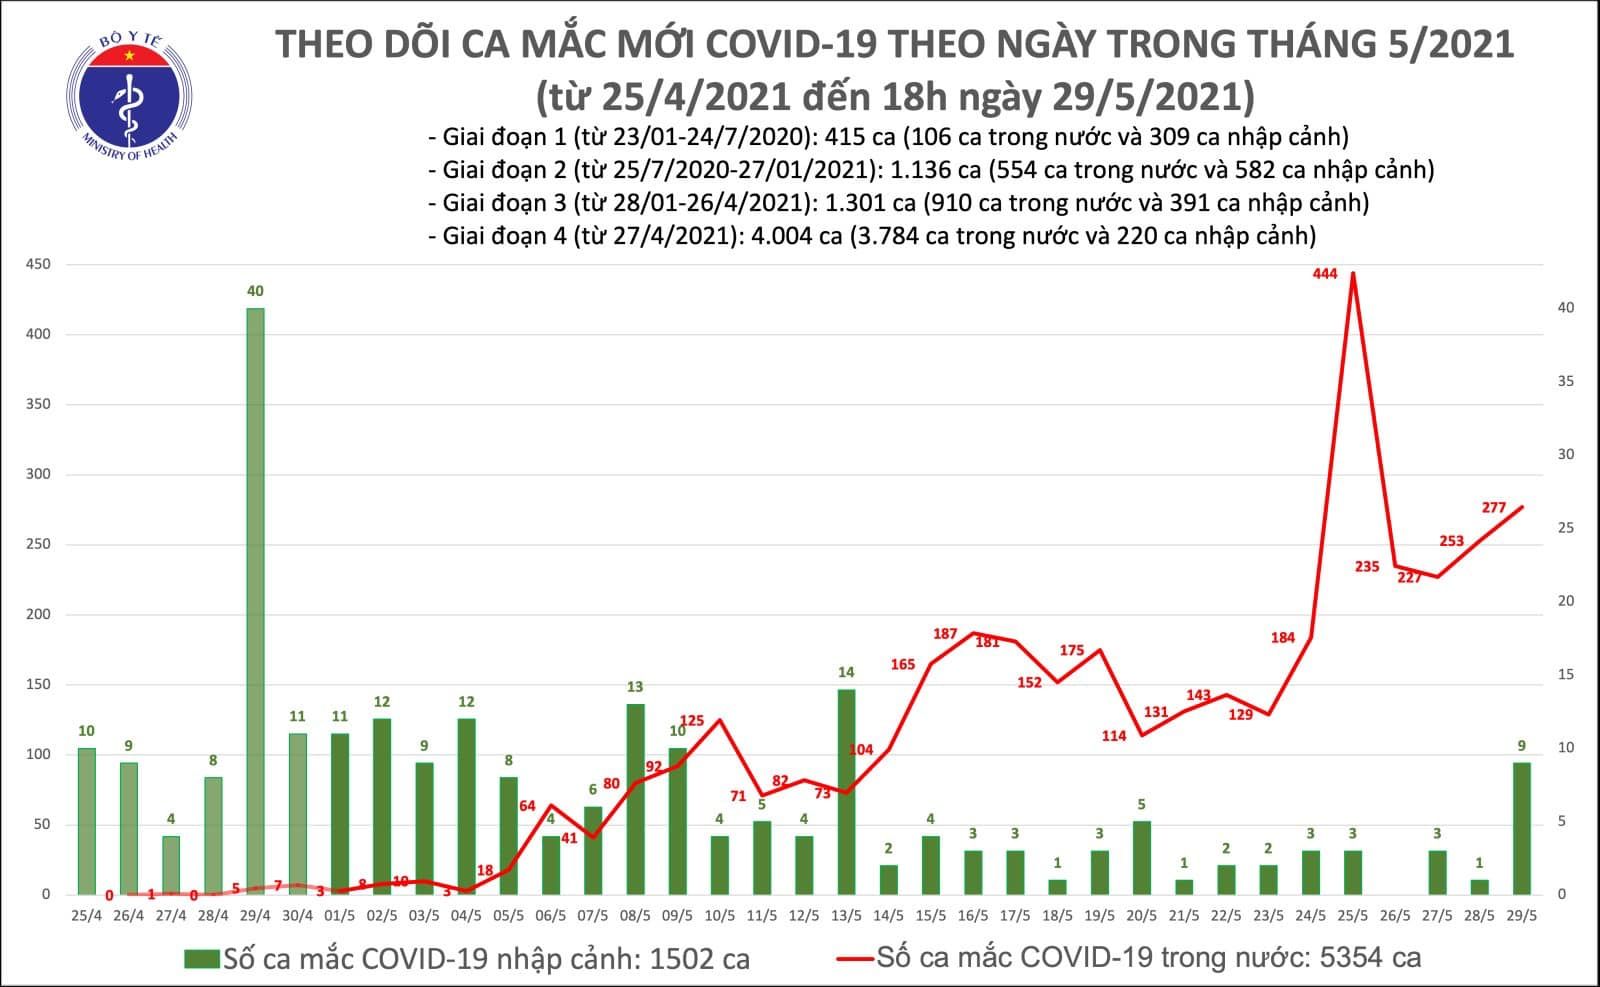 Ghi nhận thêm 143 ca Covid-19 mới, dịch vẫn phức tạp tại Bắc Giang, Bắc Ninh, TPHCM  - Ảnh 1.